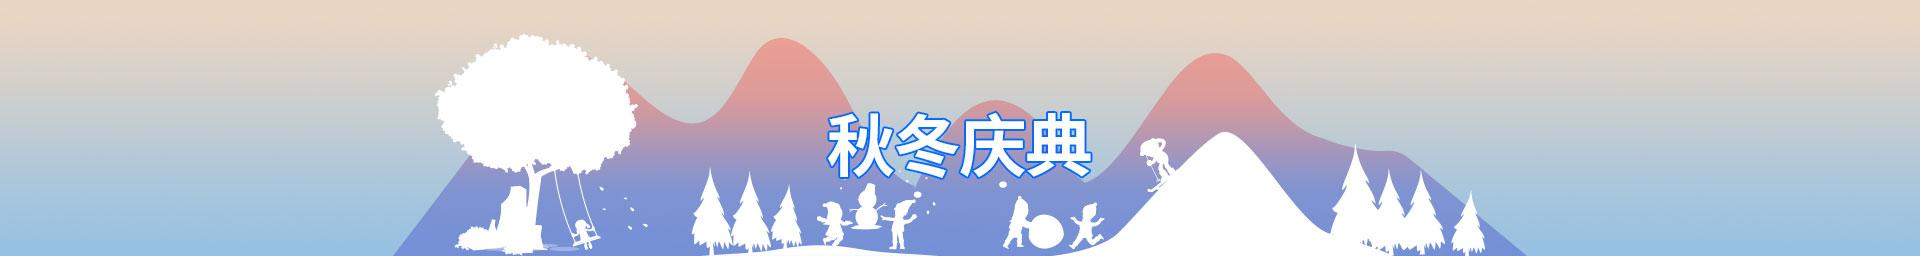 韩国深度游秋冬庆典活动